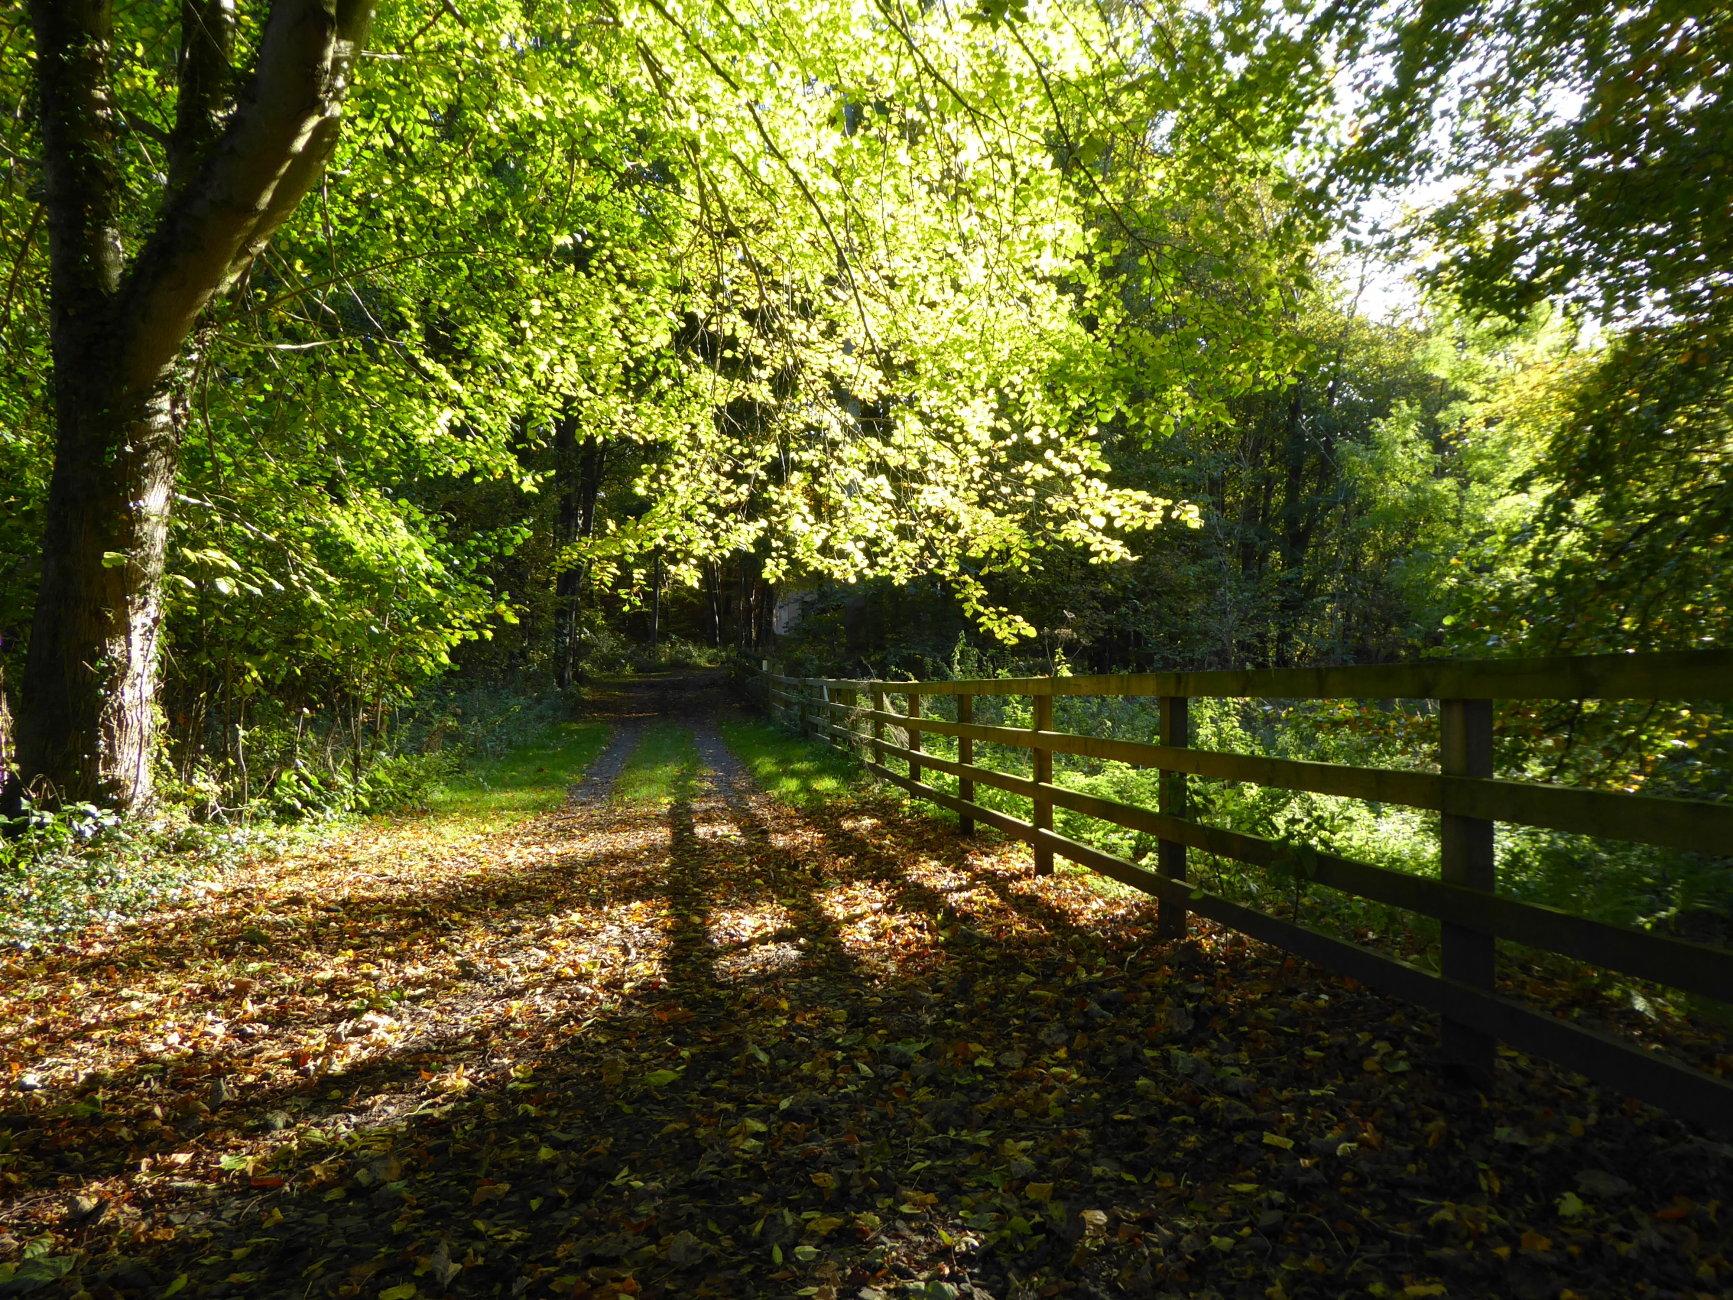 An Autumn Walk Through the Wood